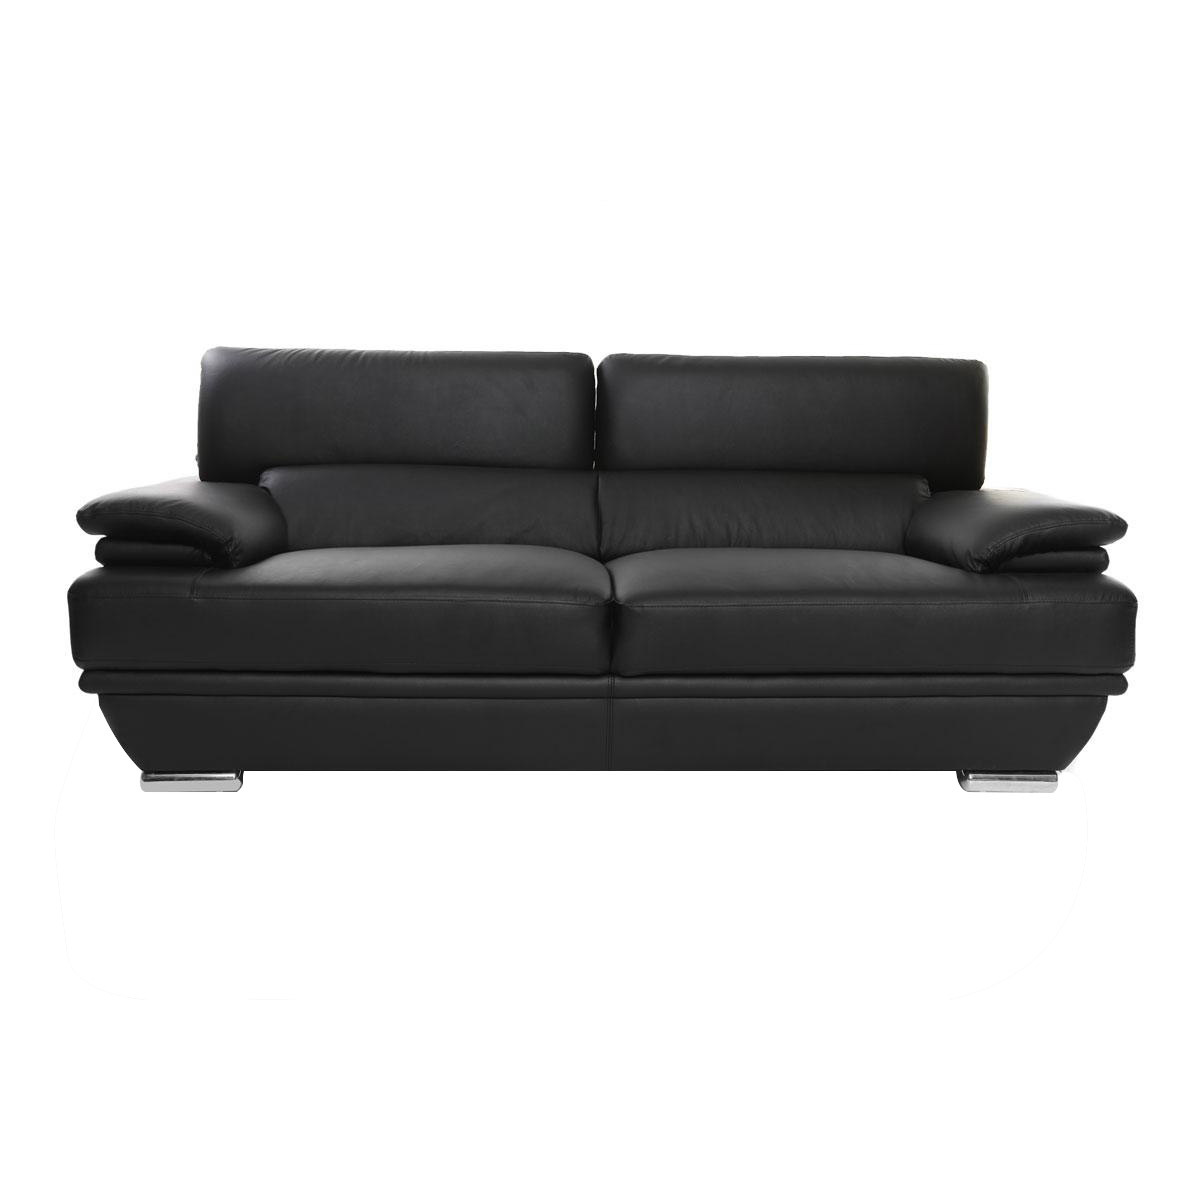 Divano pelle design 3 posti con poggiatesta reclinabile nero EWING